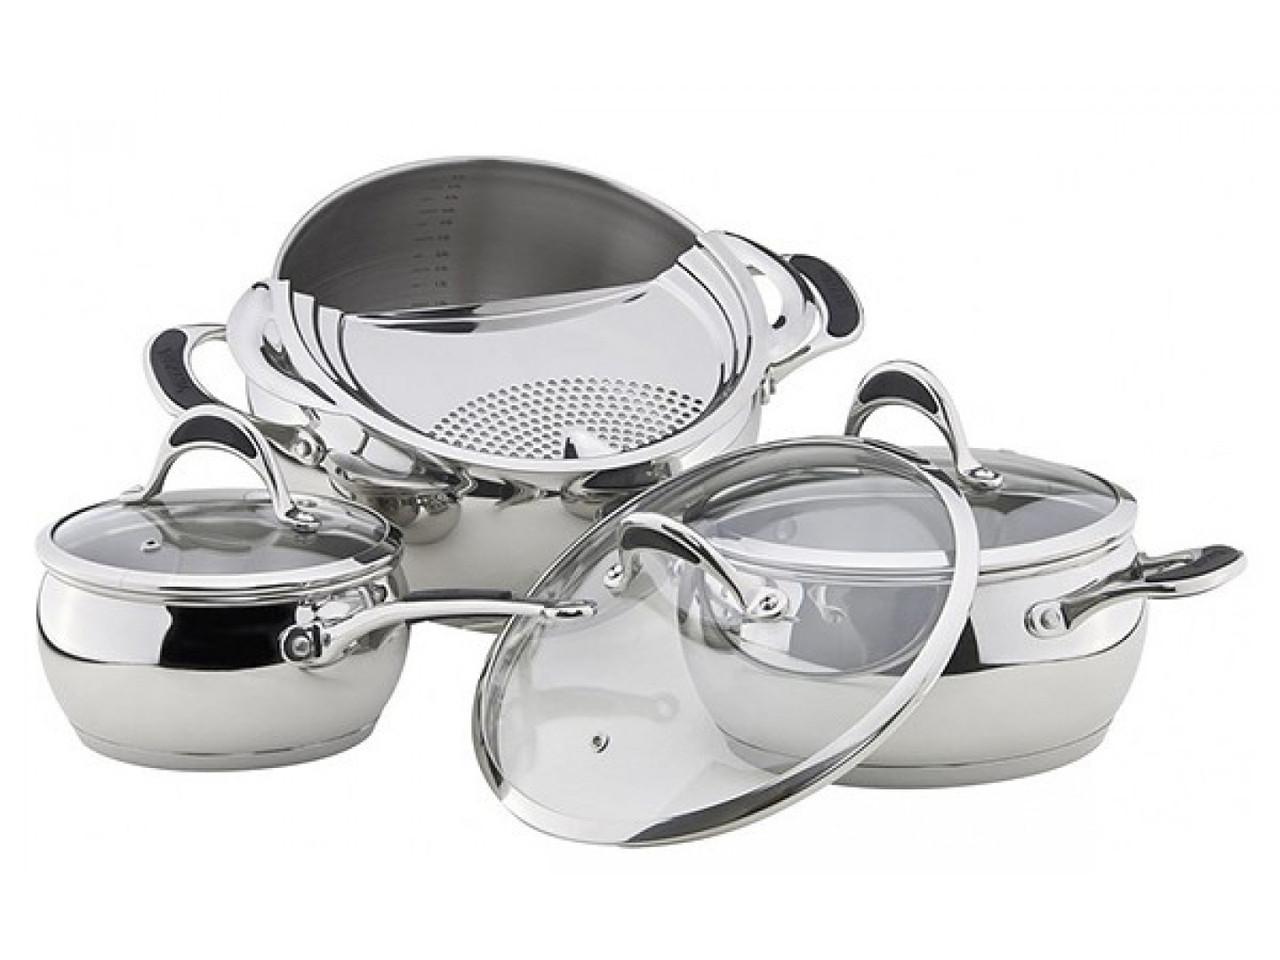 Набор посуды Vinzer Astro 89038 (7 пр.) нержавеющая сталь | кастрюля, кастрюли, сотейник, посуда Винзер